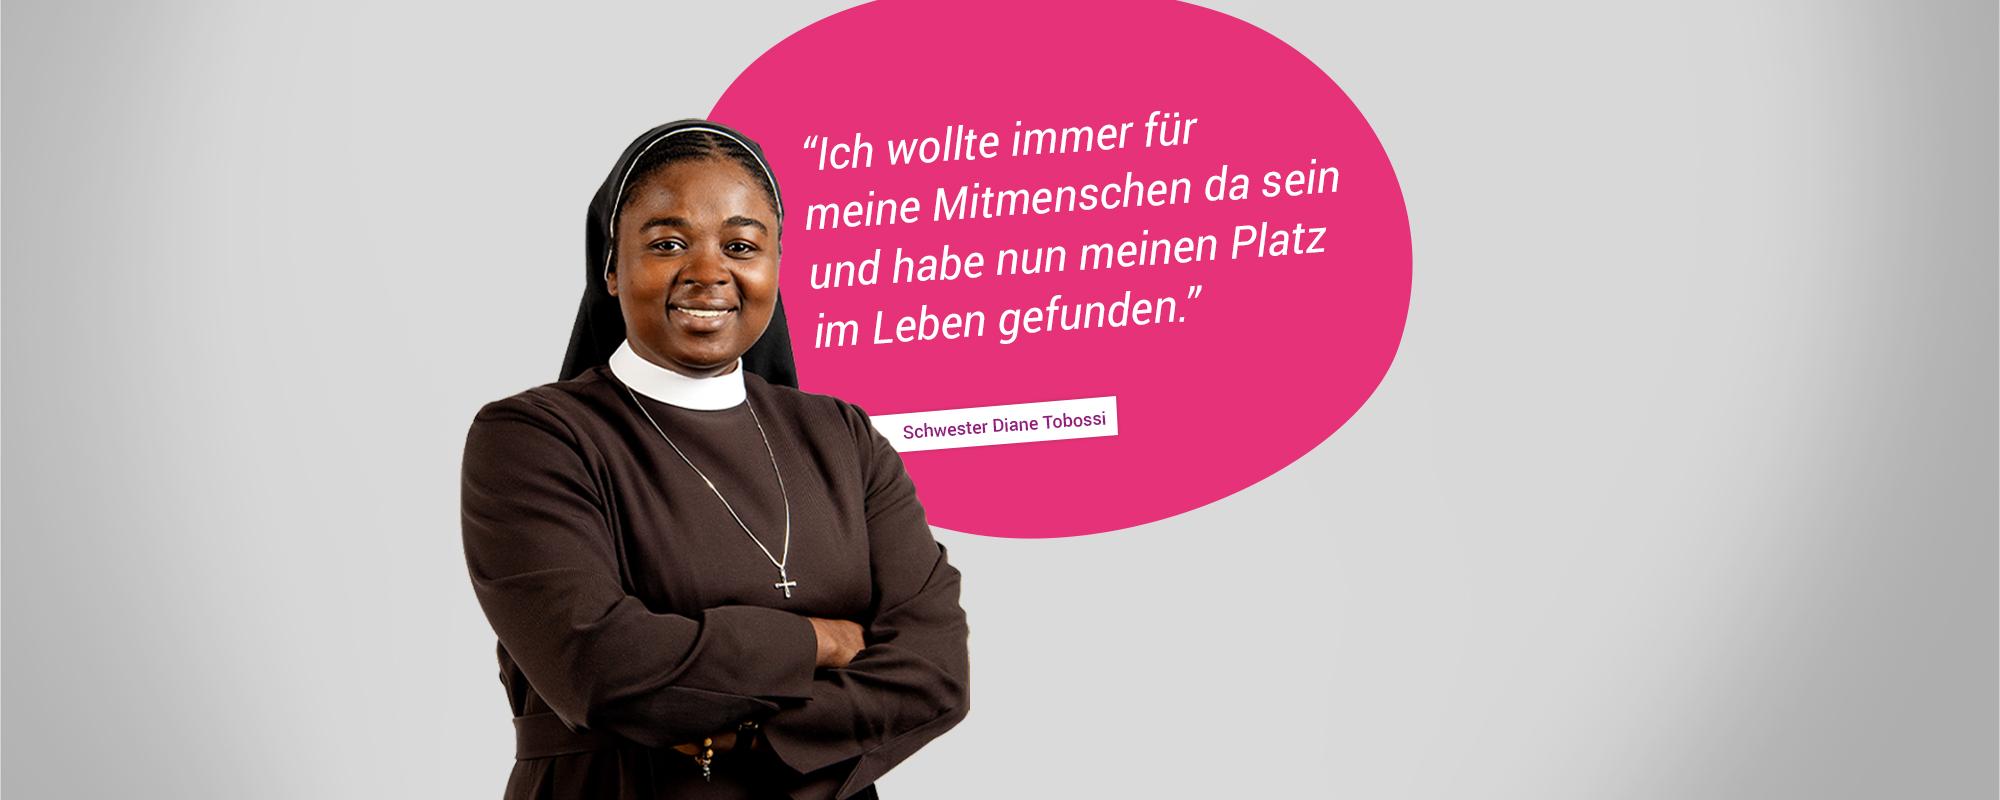 Schwester Diane Tobossi, Ordensfrau im Bistum Trier